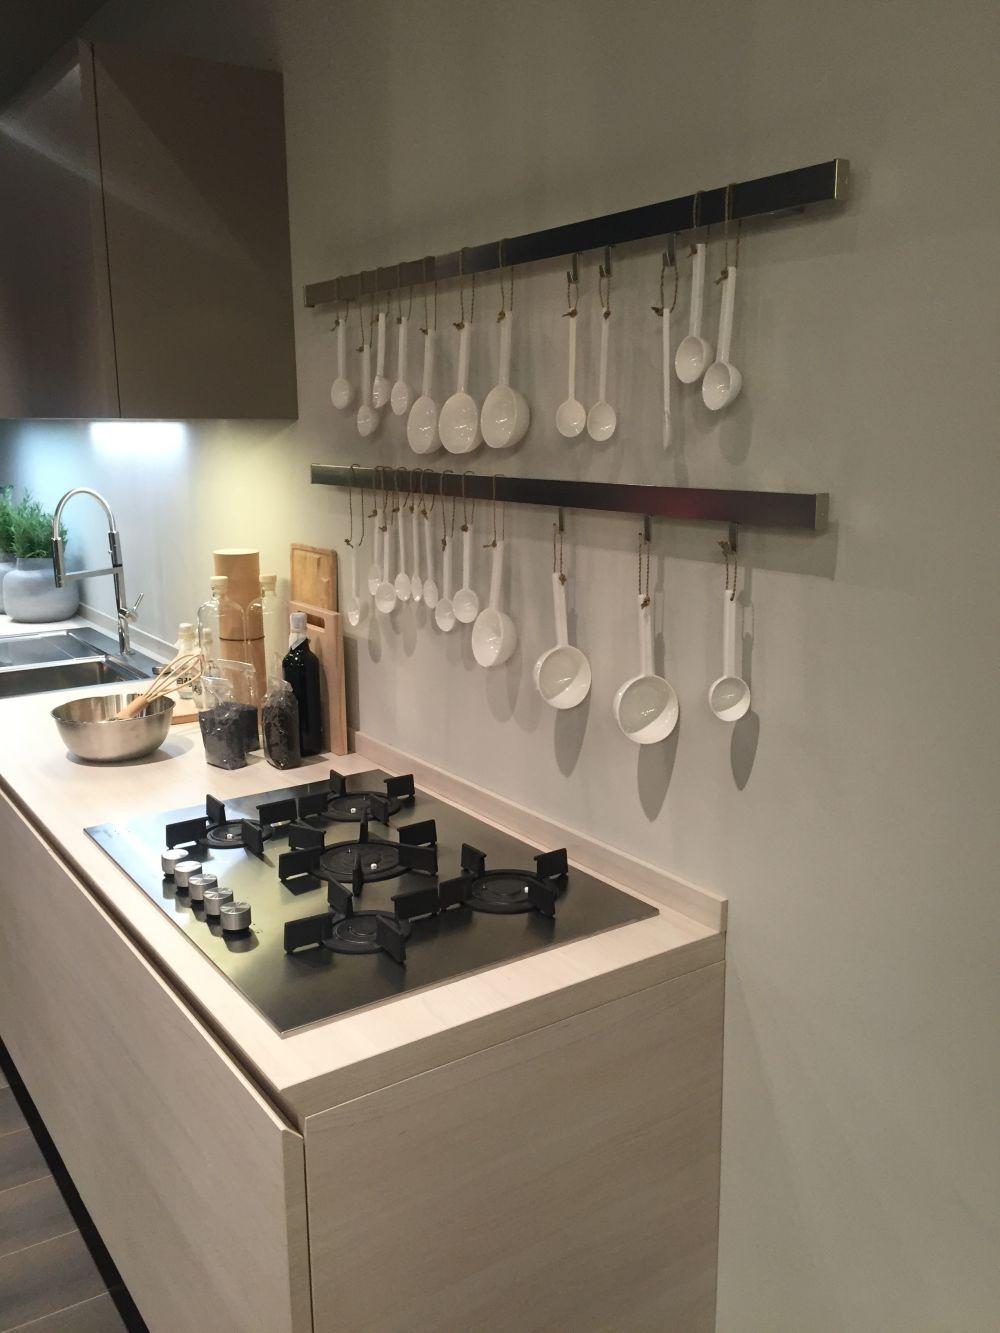 Clever Kitchen Storage Ideas That Will Change Your Life Mit Bildern Kuchenaufbewahrung Aufbewahrung Ideen Kuche Dekoration